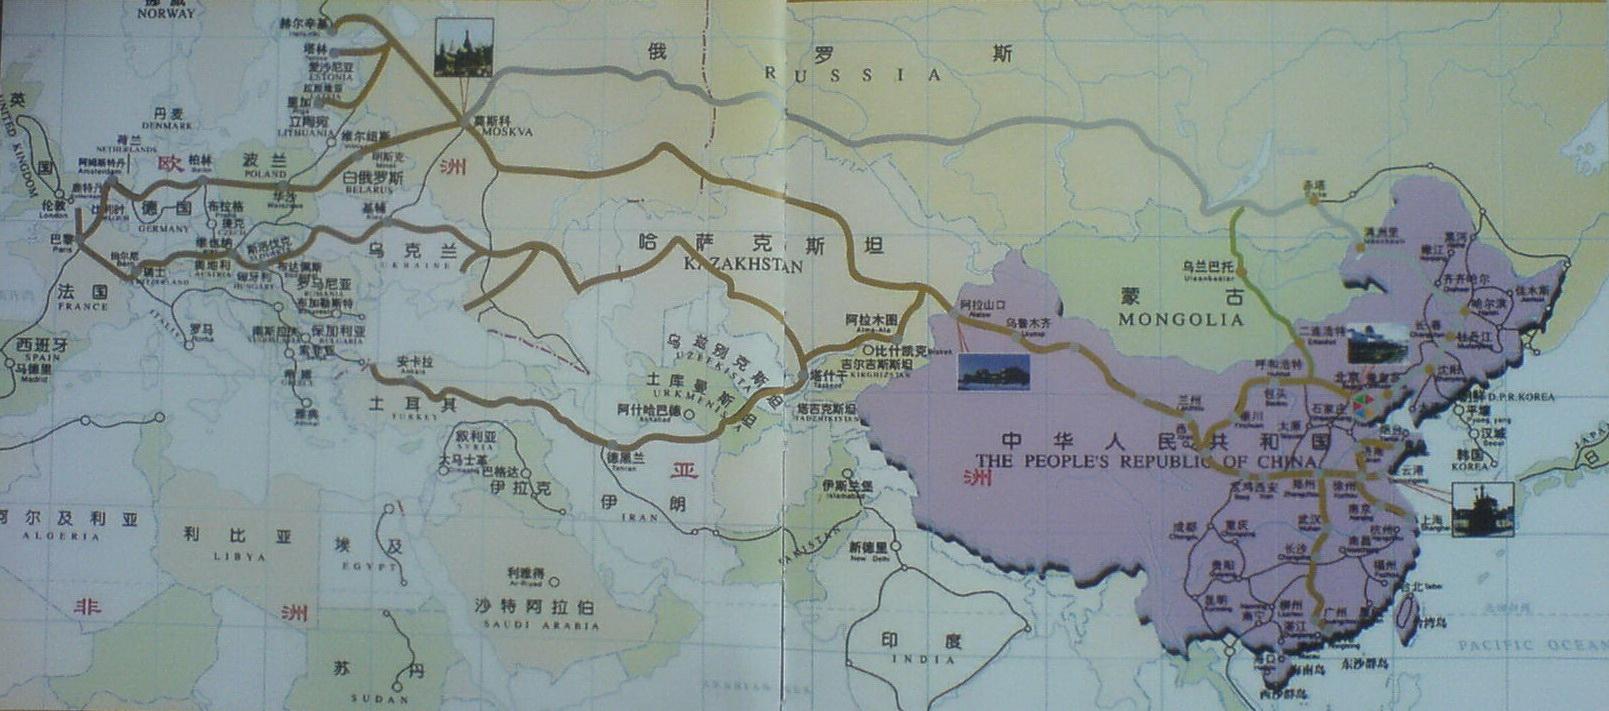 铁路运输; 欧亚大陆桥;; 供应连云港至伊尔库茨克图片